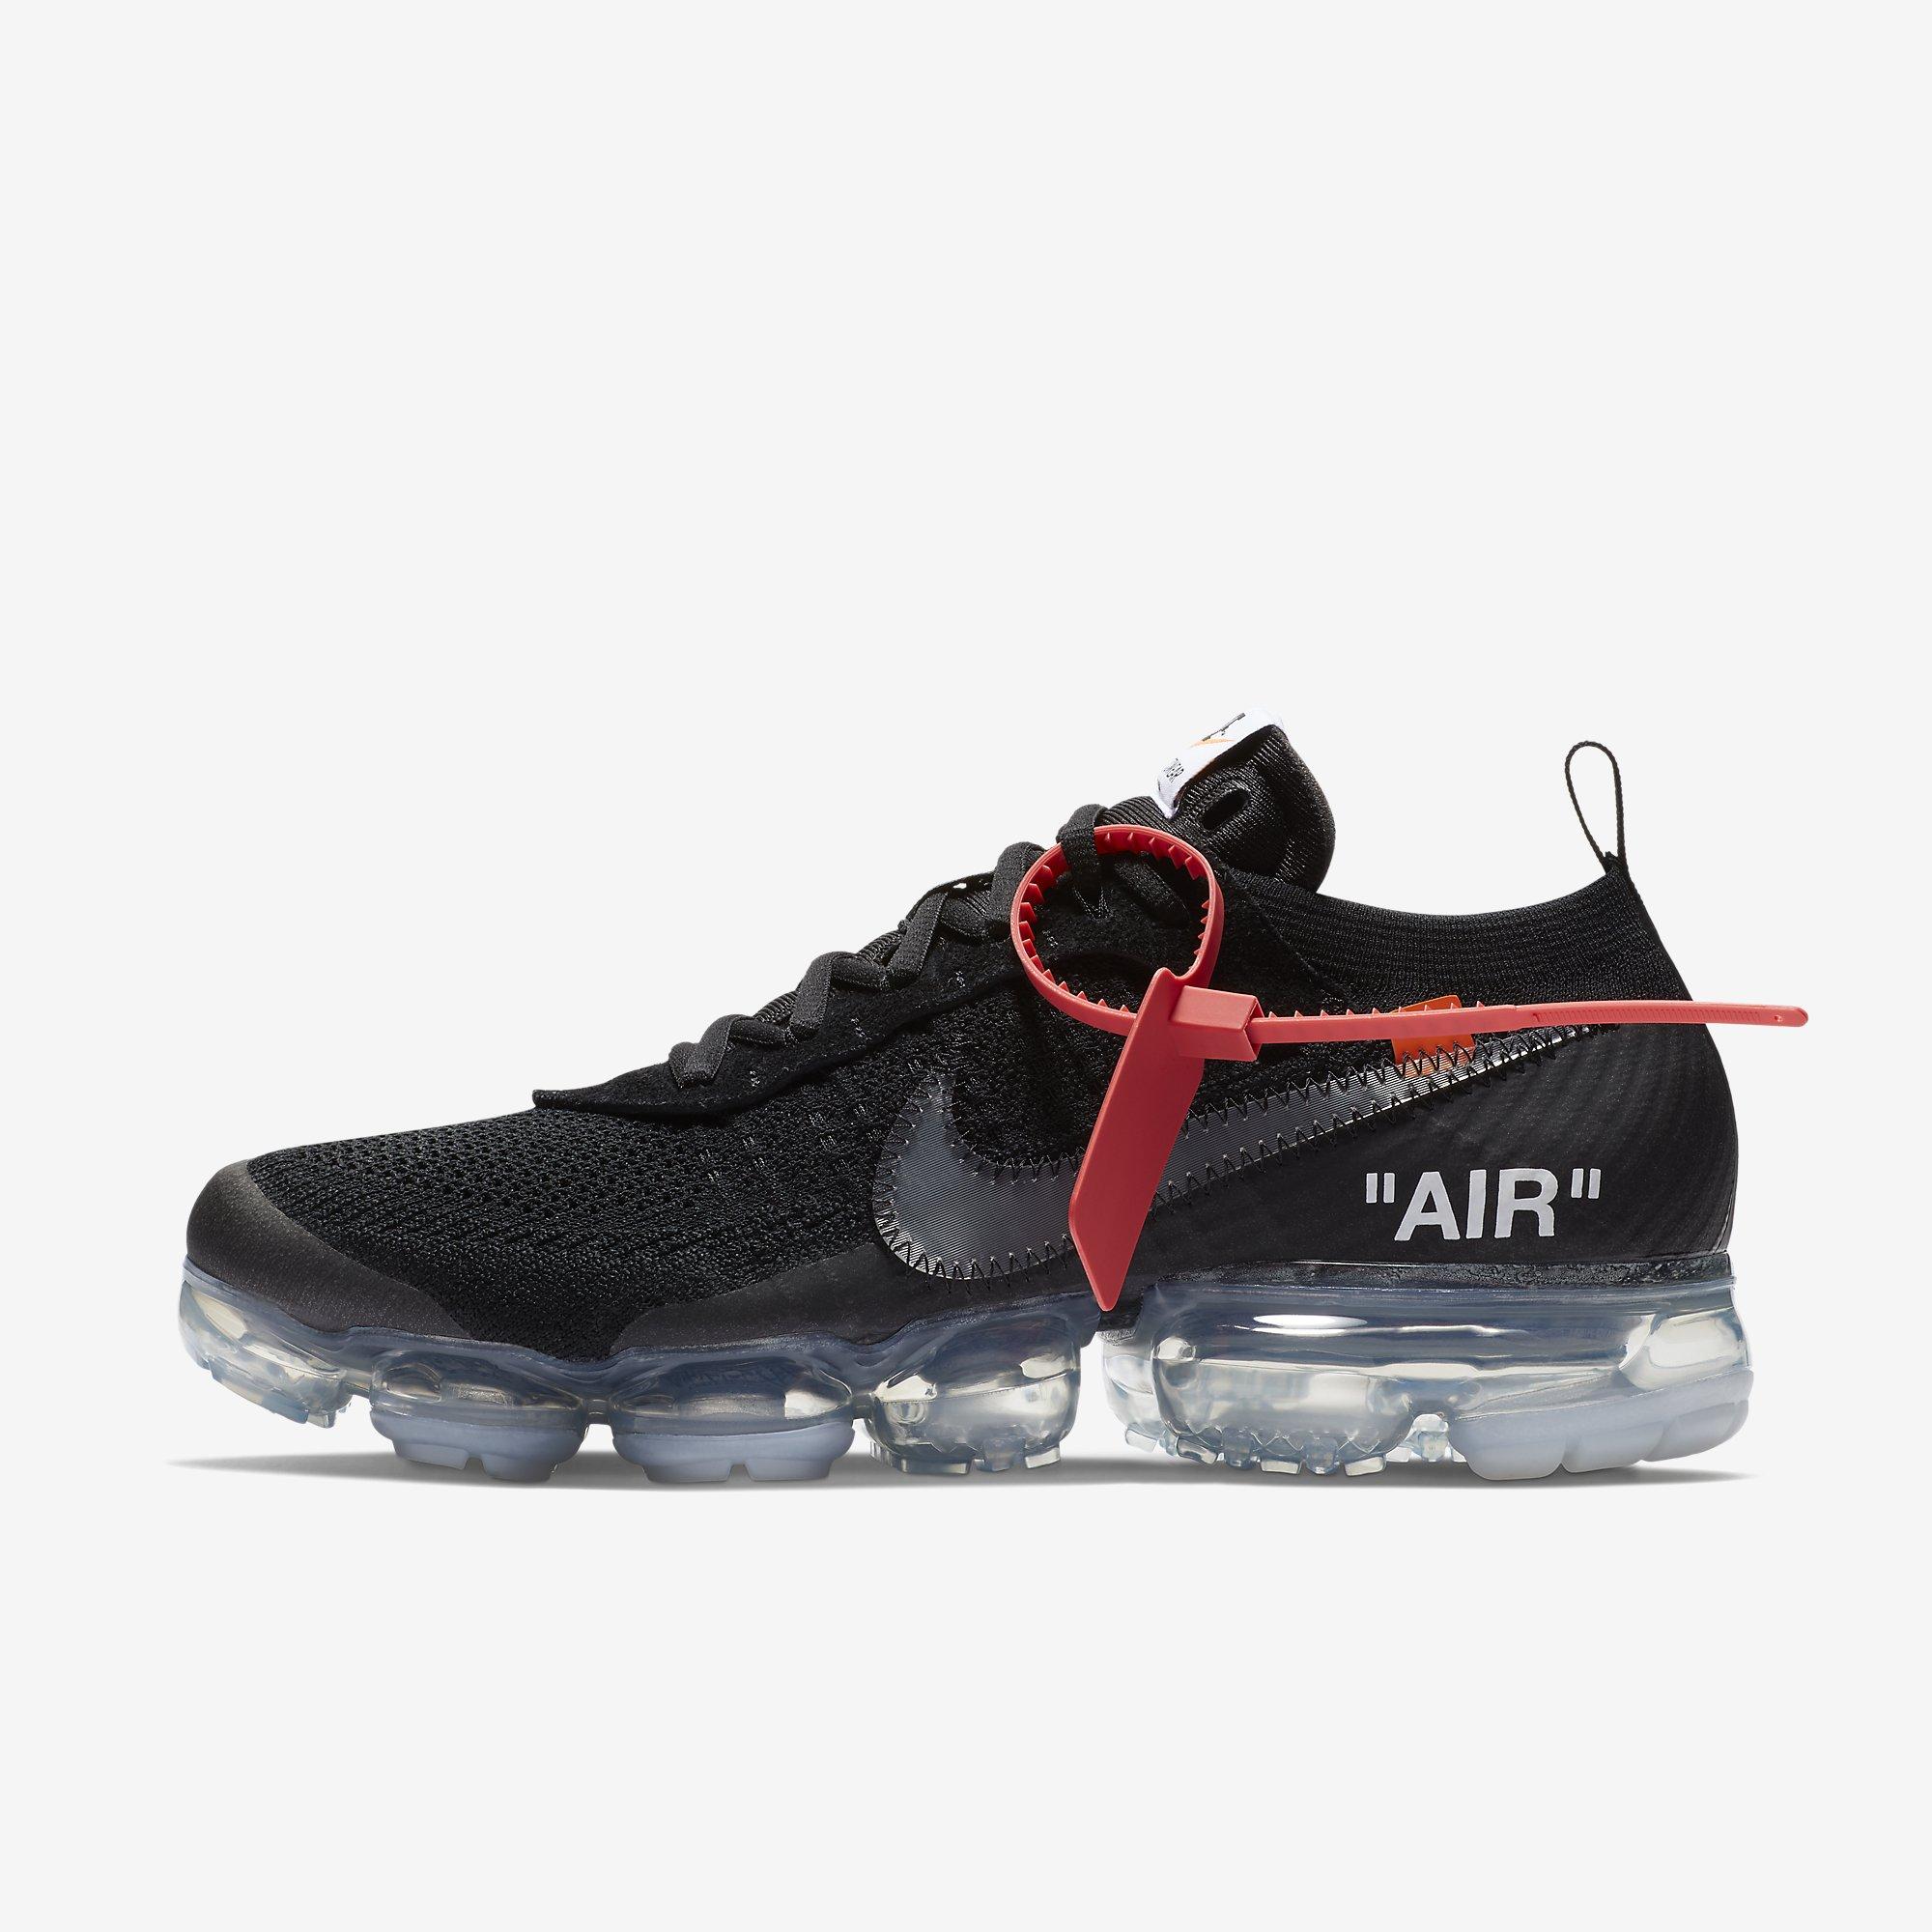 6e0cde27944 Giá thị trường của các bản collab Nike x OFF-WHITE hiện tại đang là ...